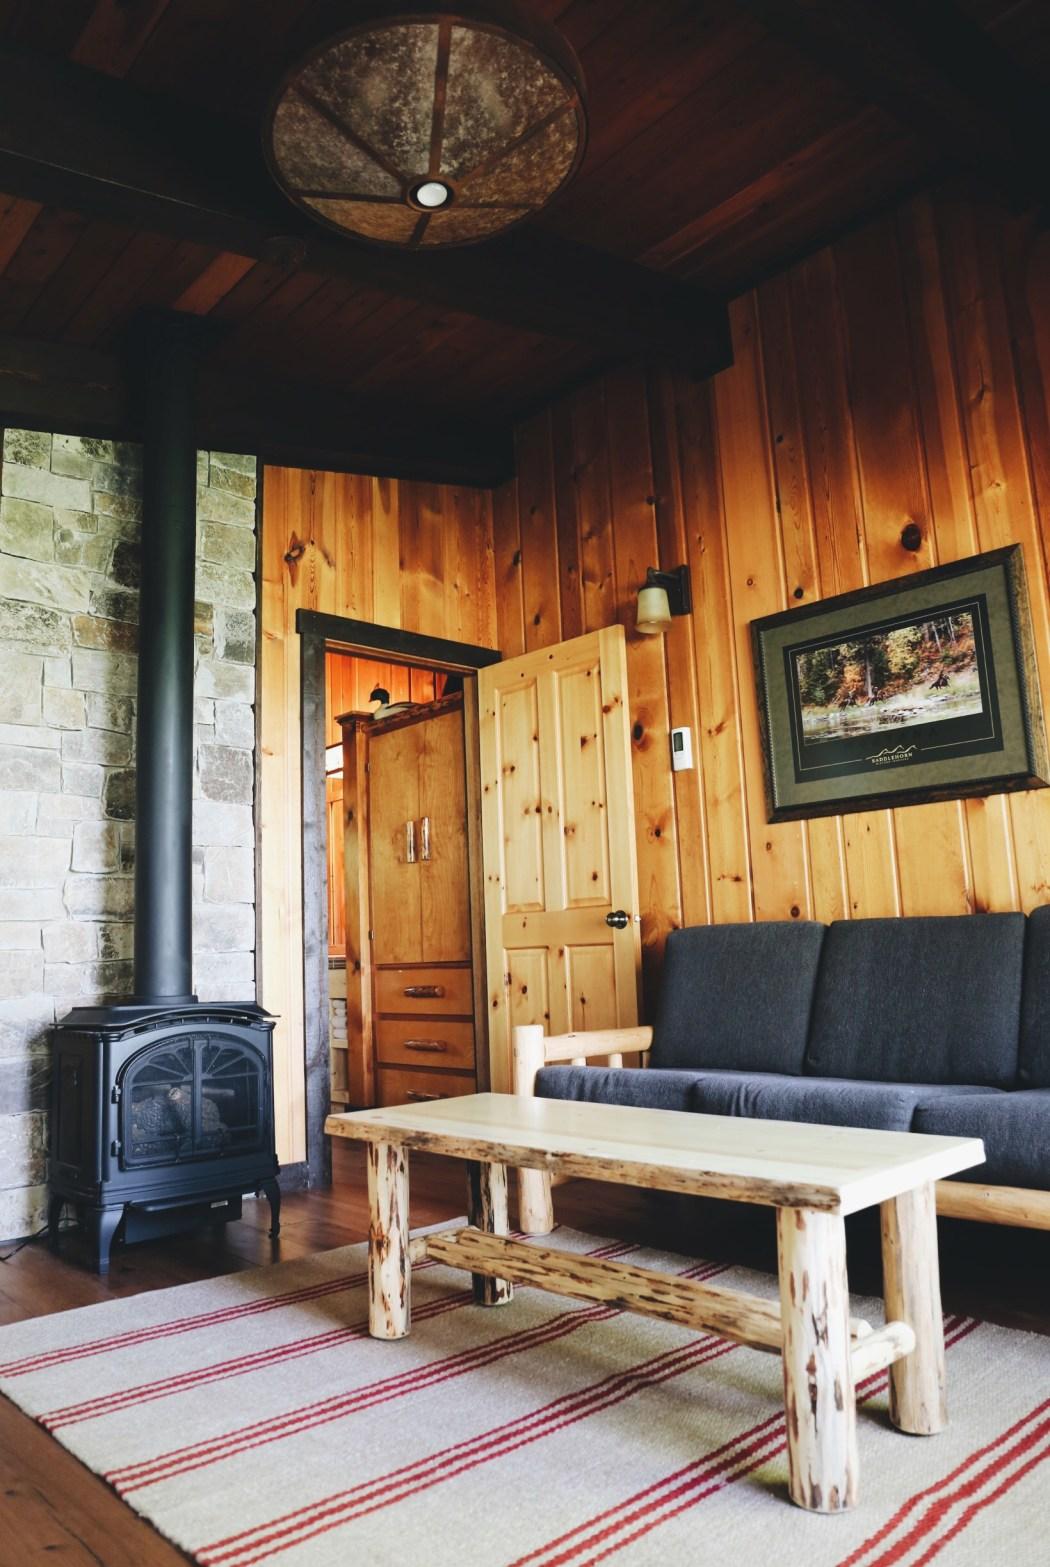 Flathead Lake Loge cabin